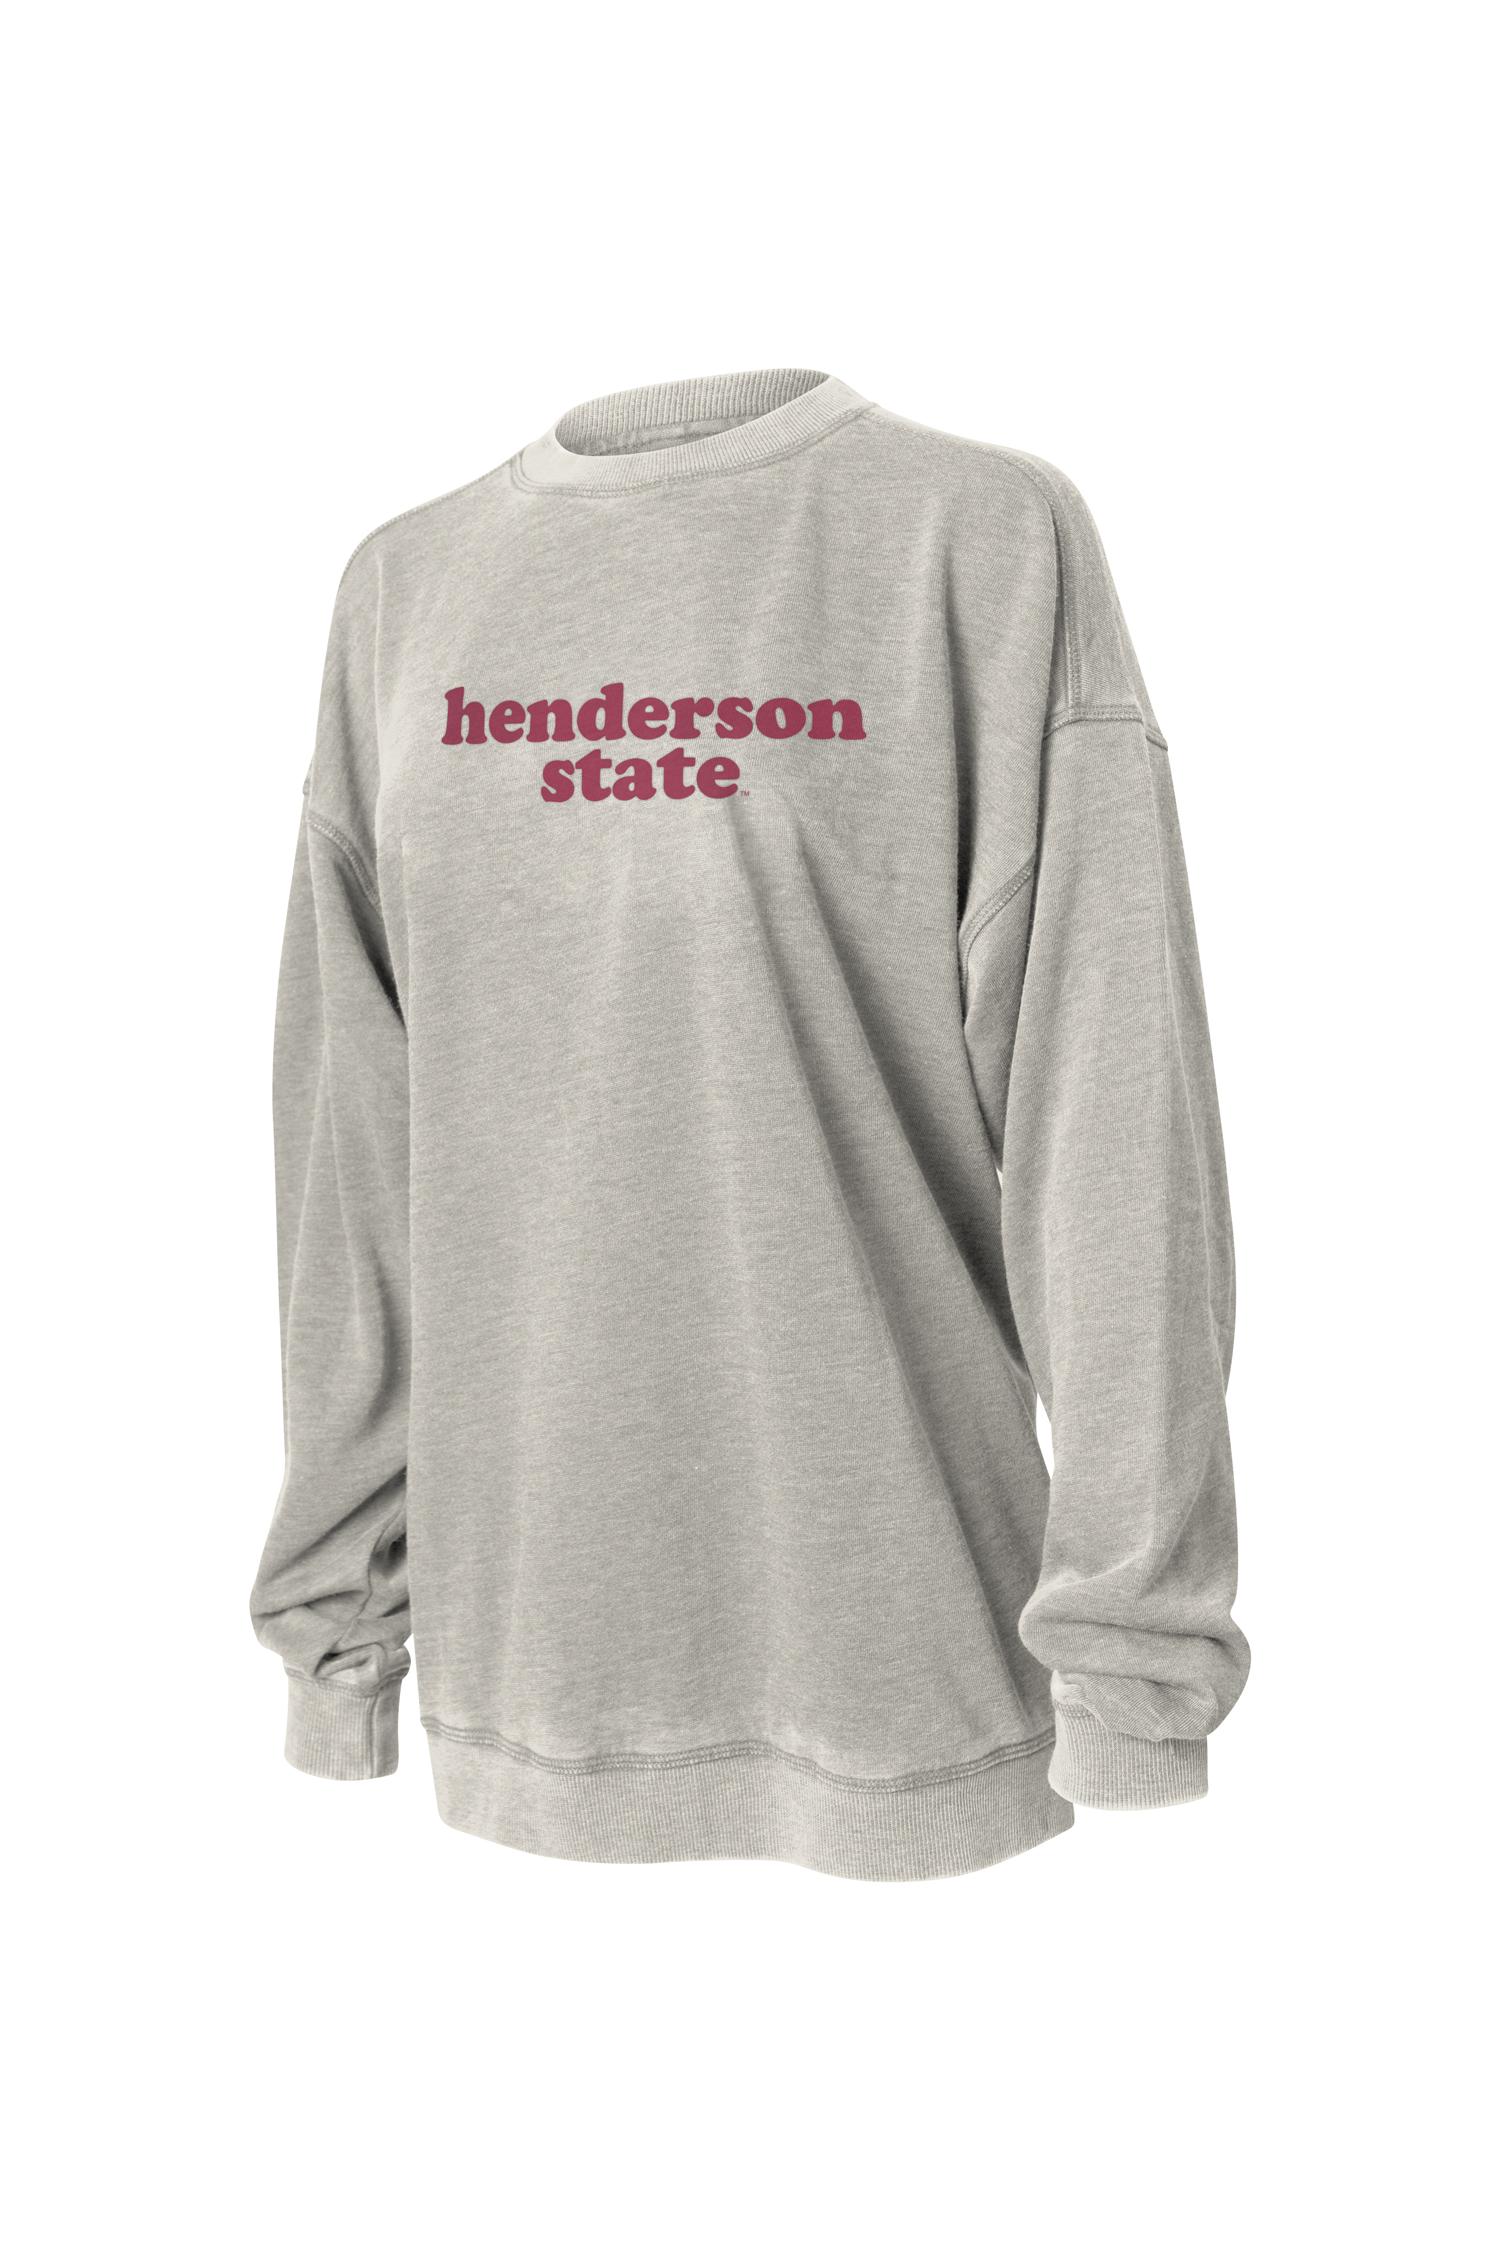 Henderson State Campus Crew Sweatshirt